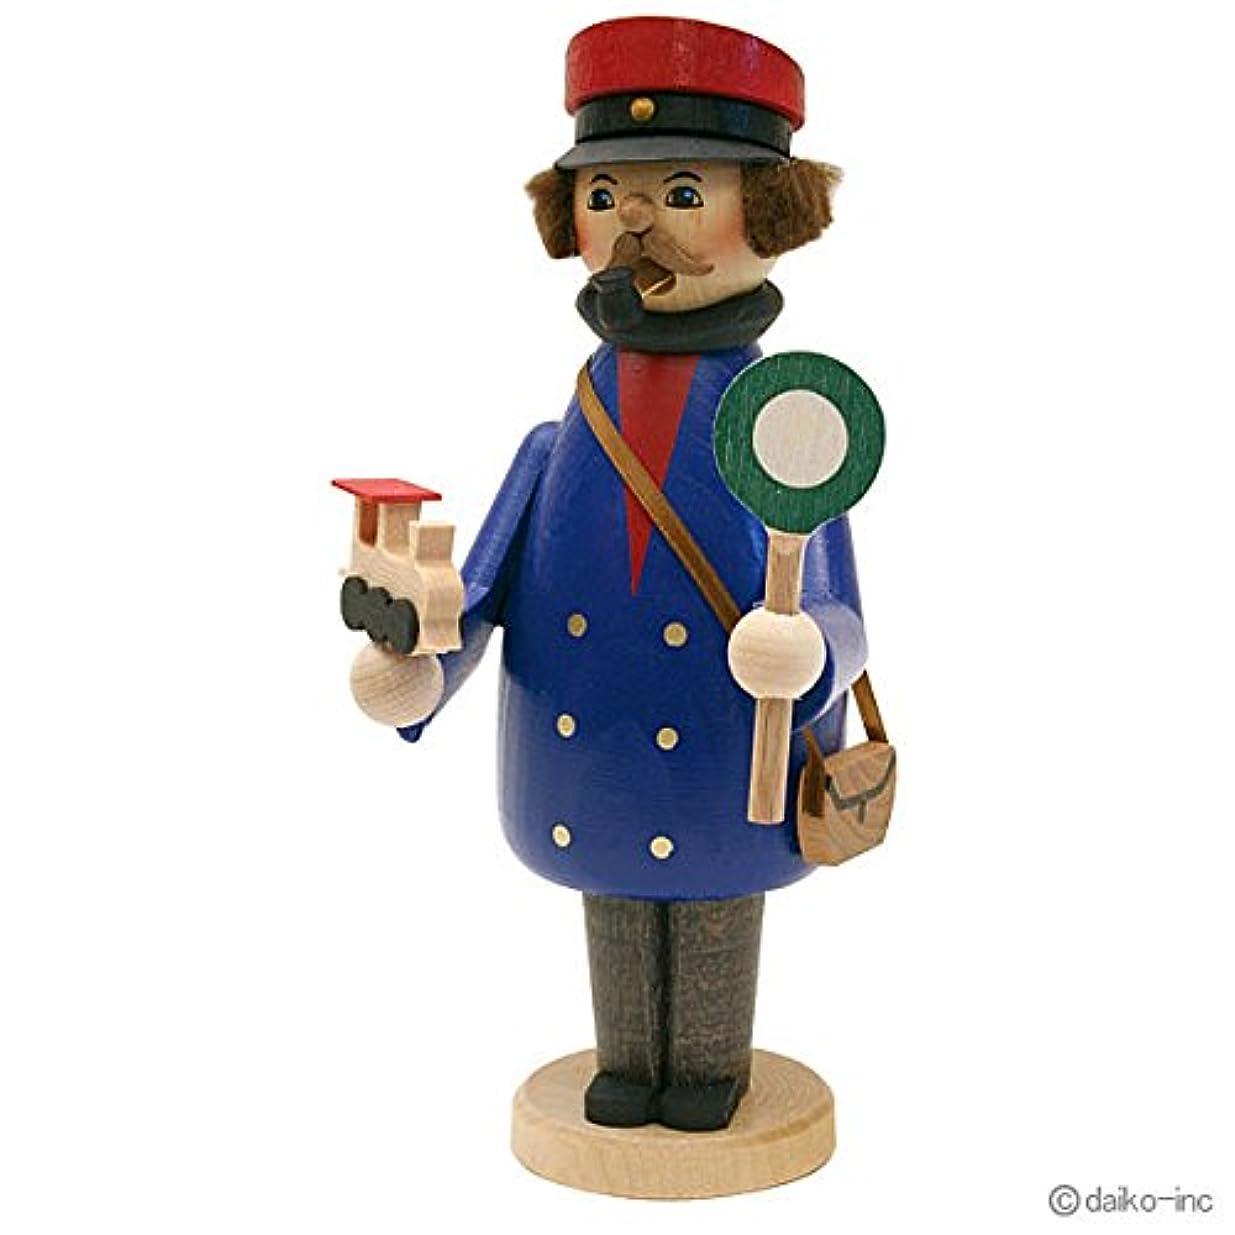 しっかり雑草筋肉のkuhnert ミニパイプ人形香炉 鉄道員